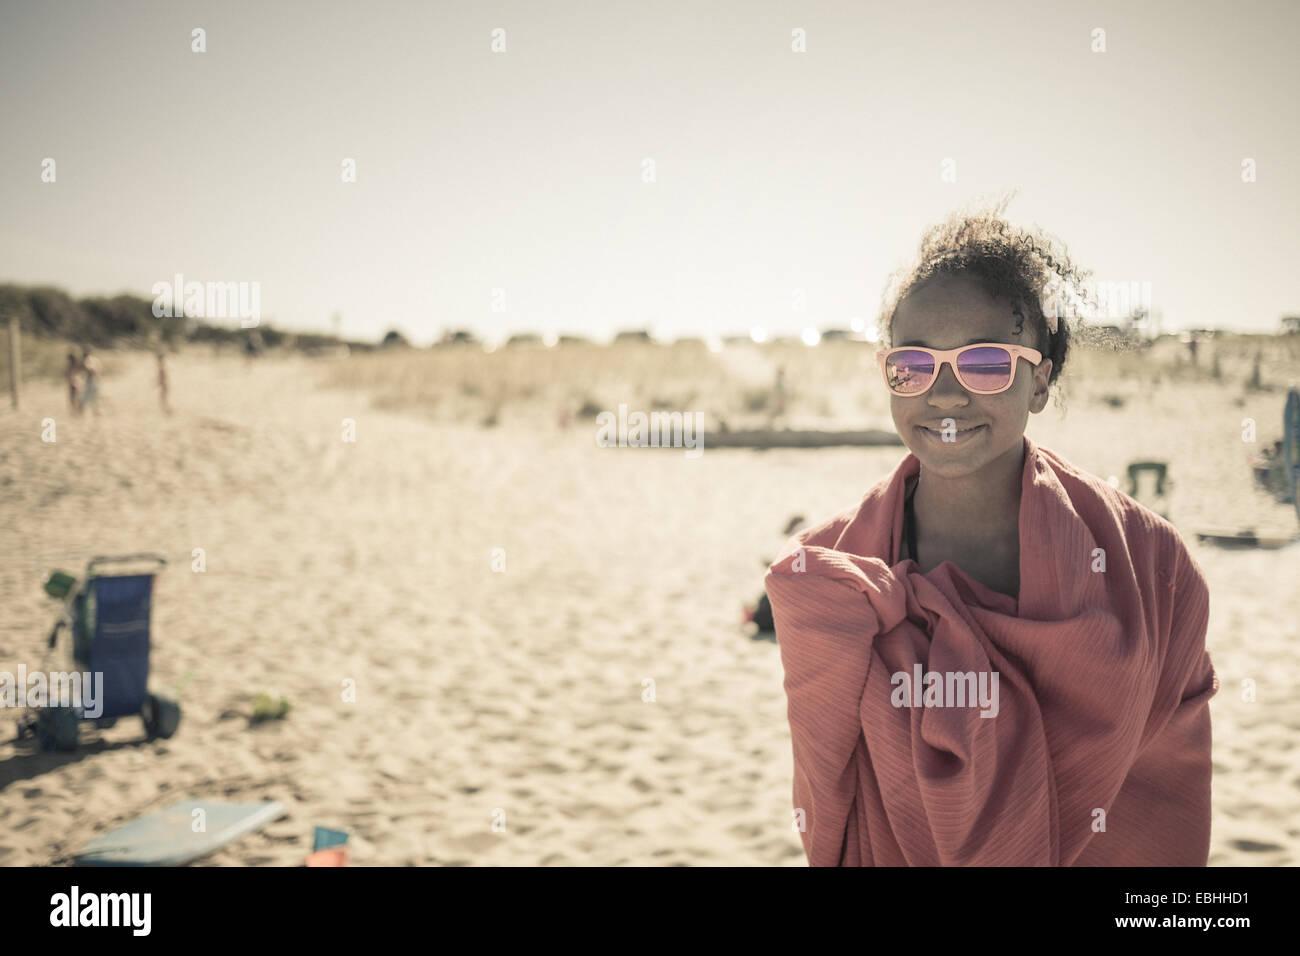 Ragazza avvolto in asciugamano sulla spiaggia, Truro, Massachusetts, Cape Cod, STATI UNITI D'AMERICA Immagini Stock